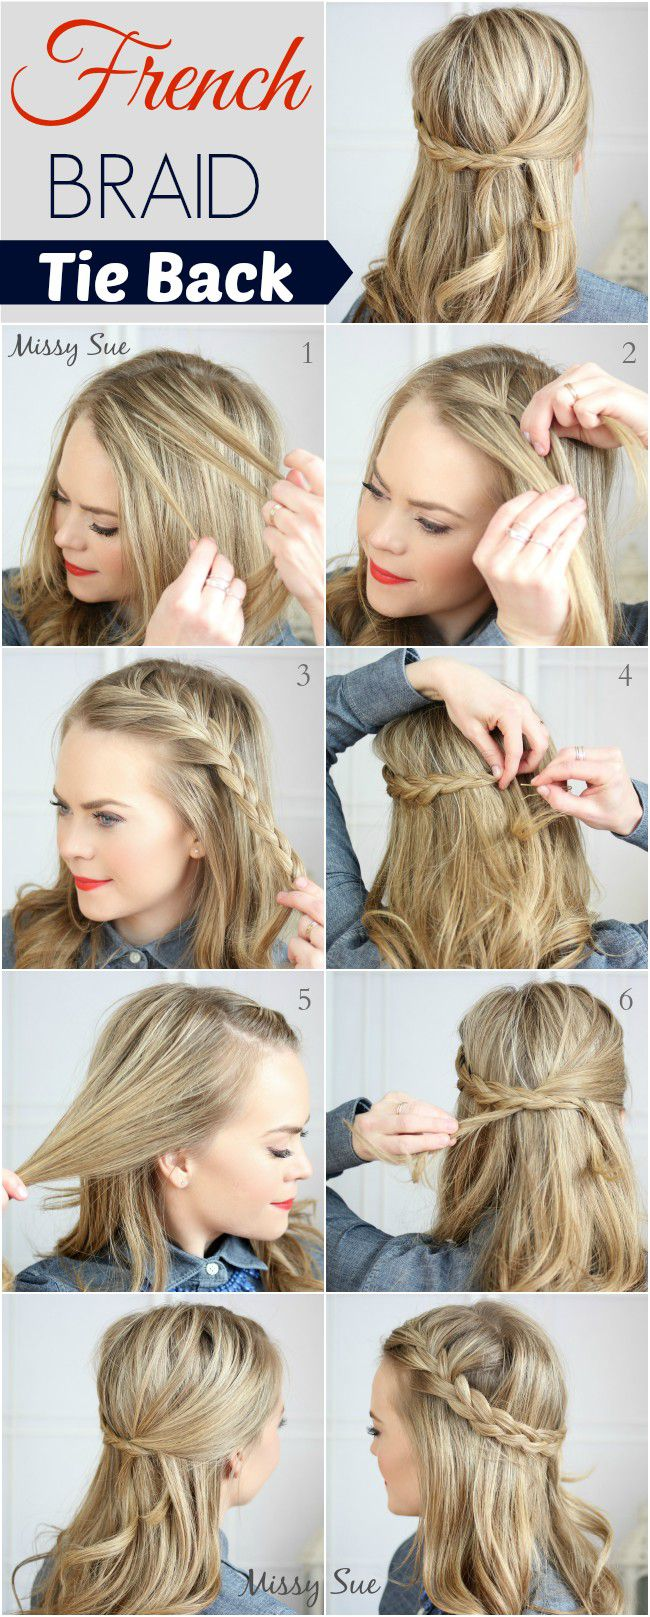 Какую прическу можно сделать на распущенные волосы самой себе